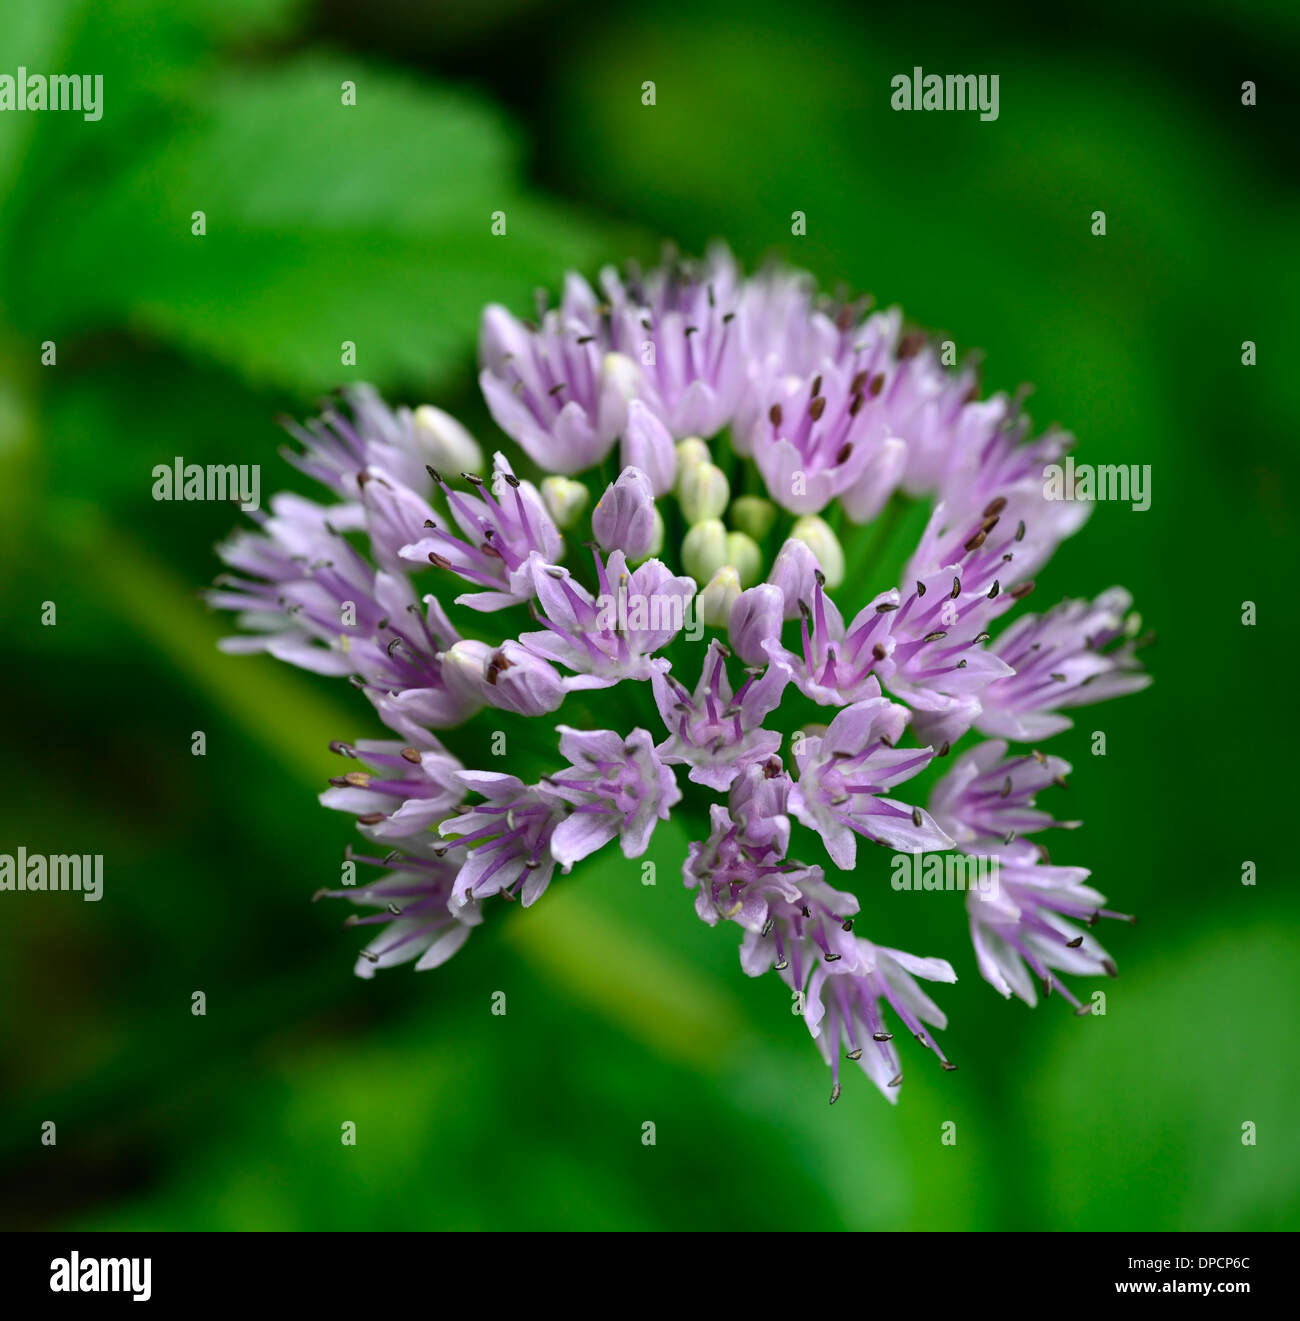 Allium Nutans Blue Chives July Summer Plant Portraits Pale Pink